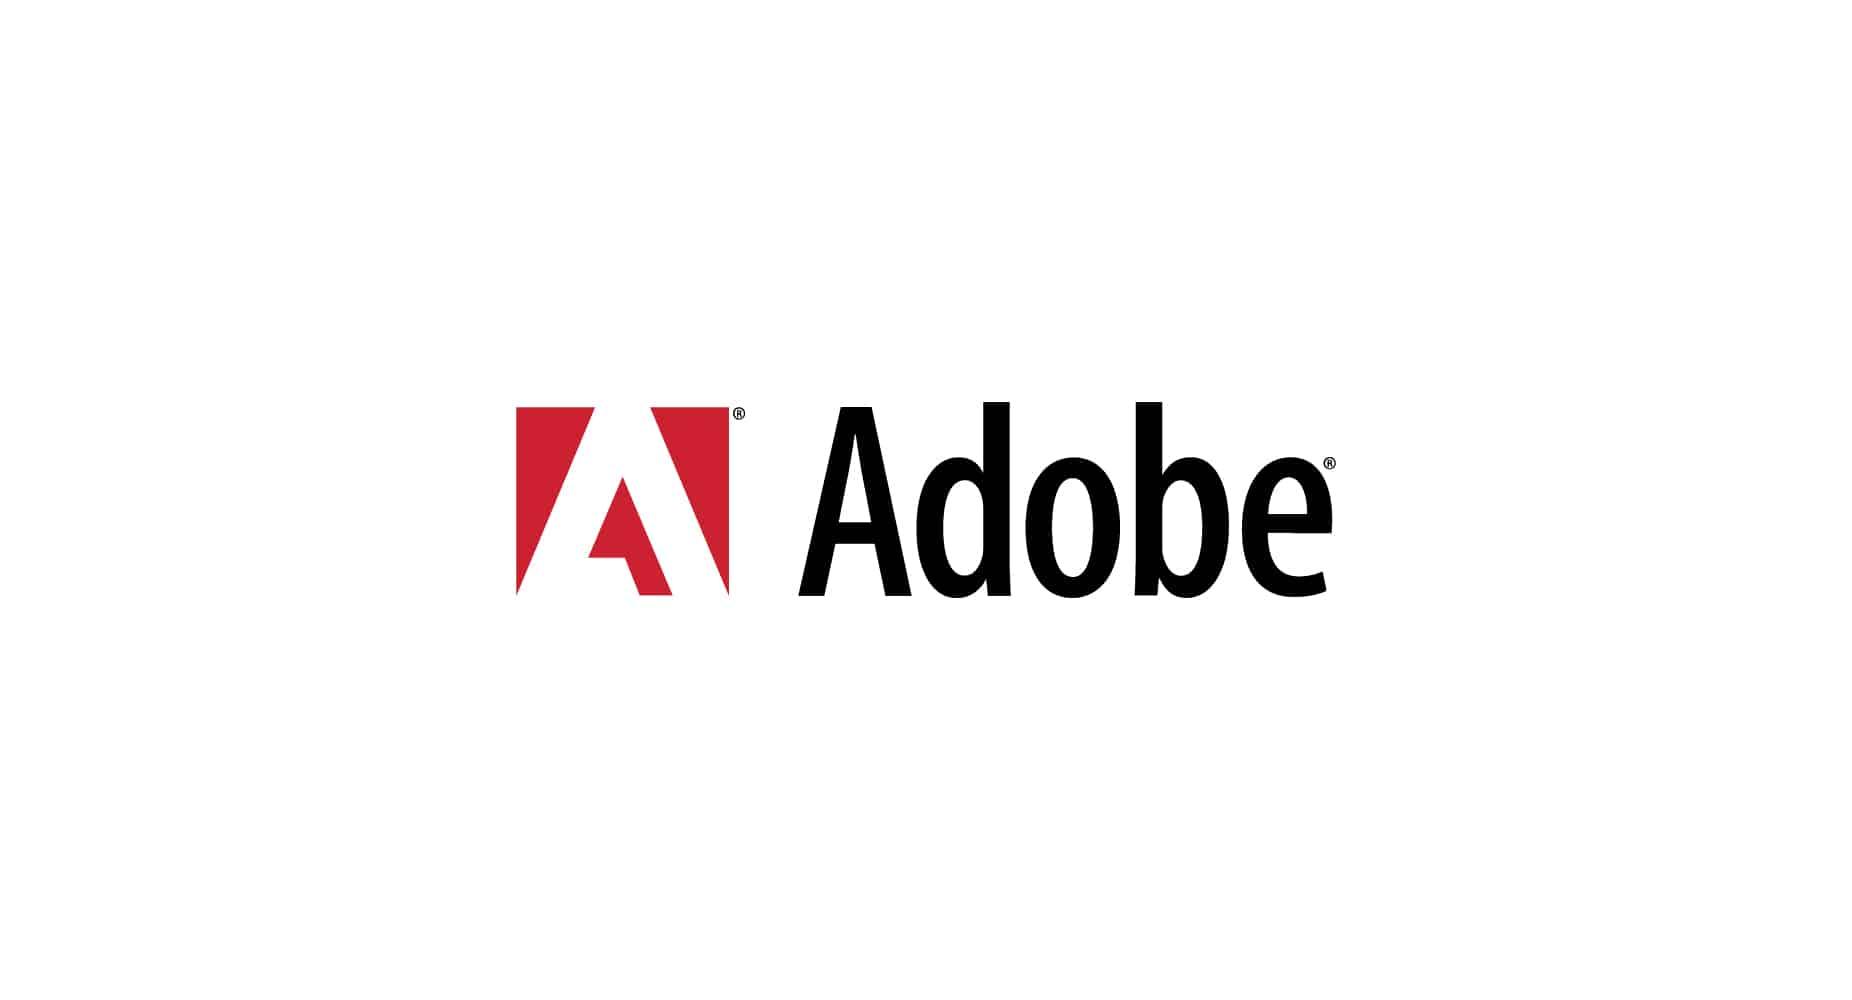 adobe branding